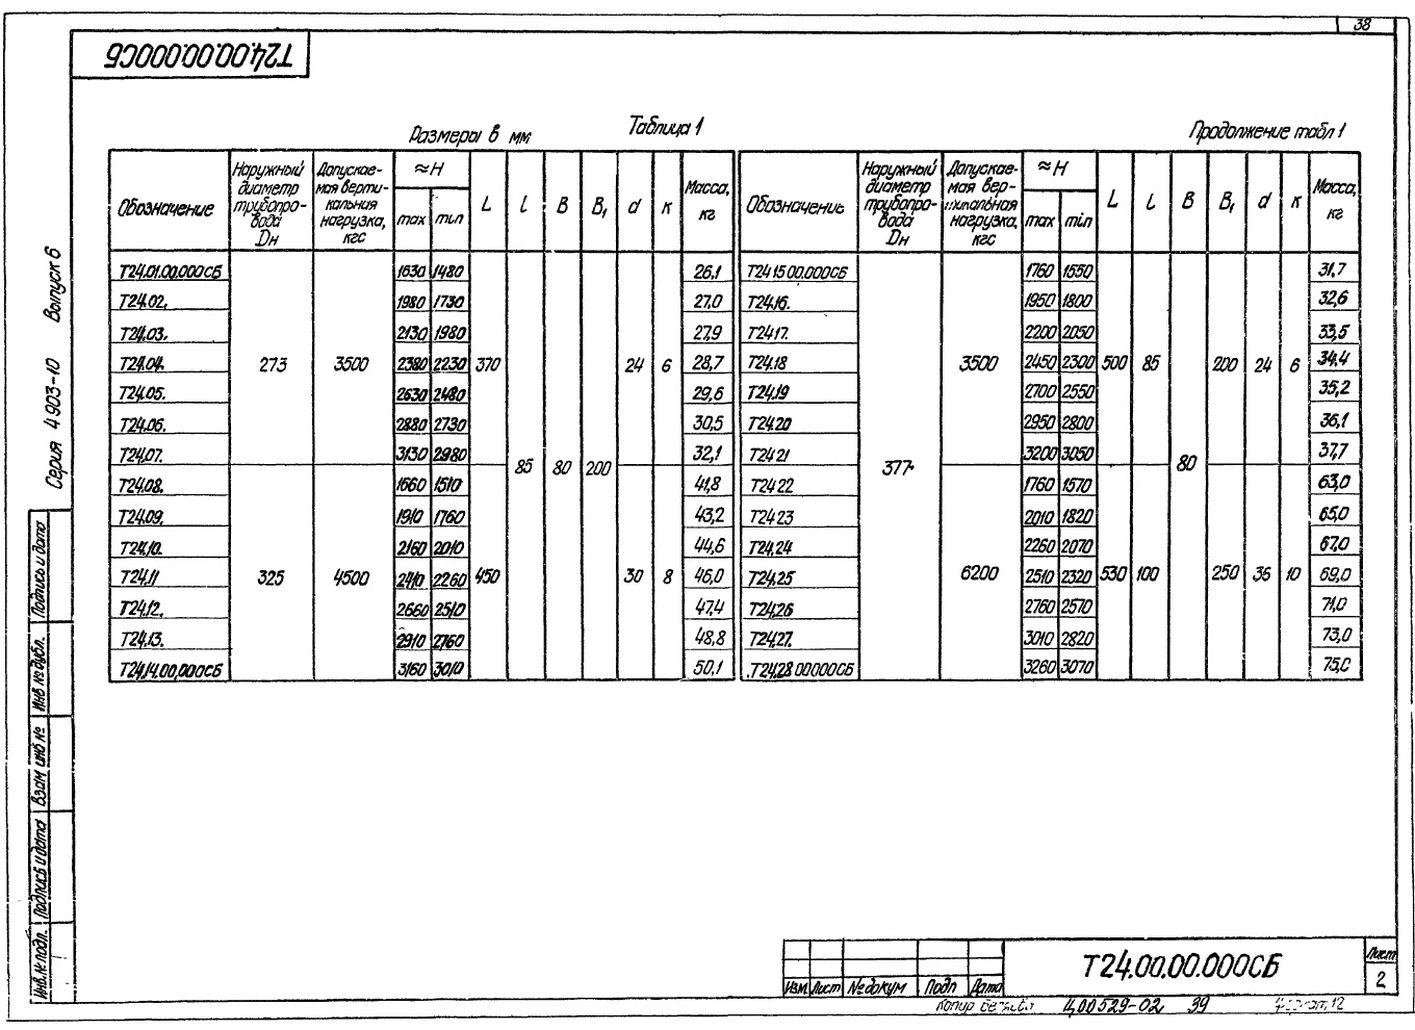 Опора подвижная жесткая Т24 с.4.903-10 вып.6 стр.2